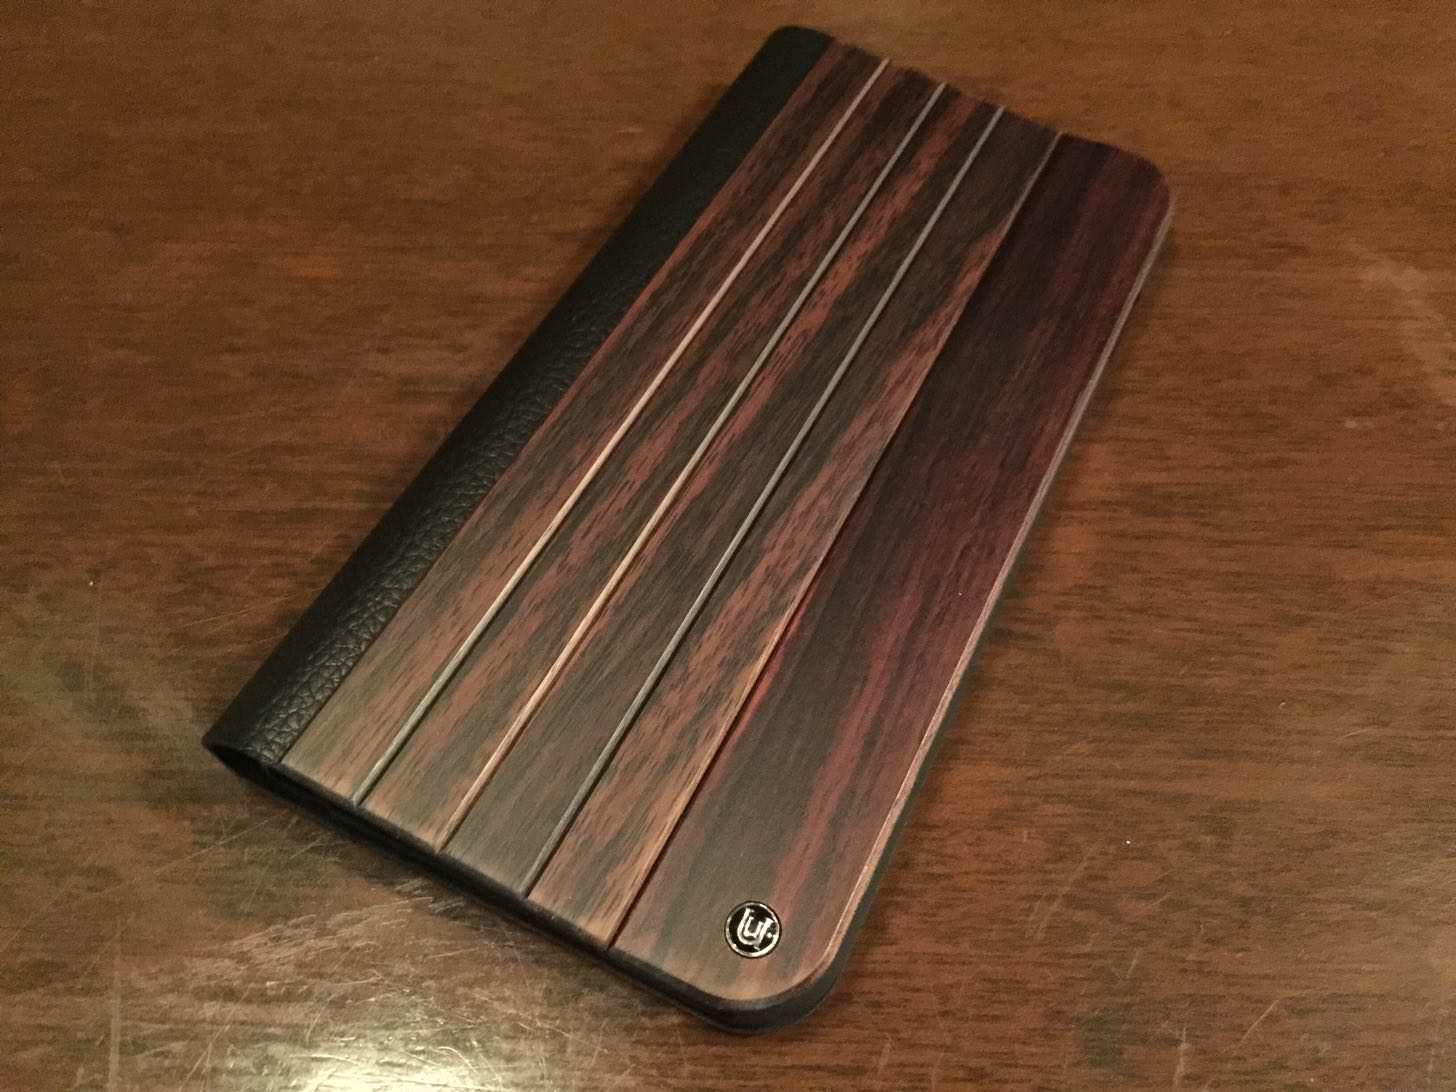 UUNIQUE Wooden Case with Panel Designの正面。